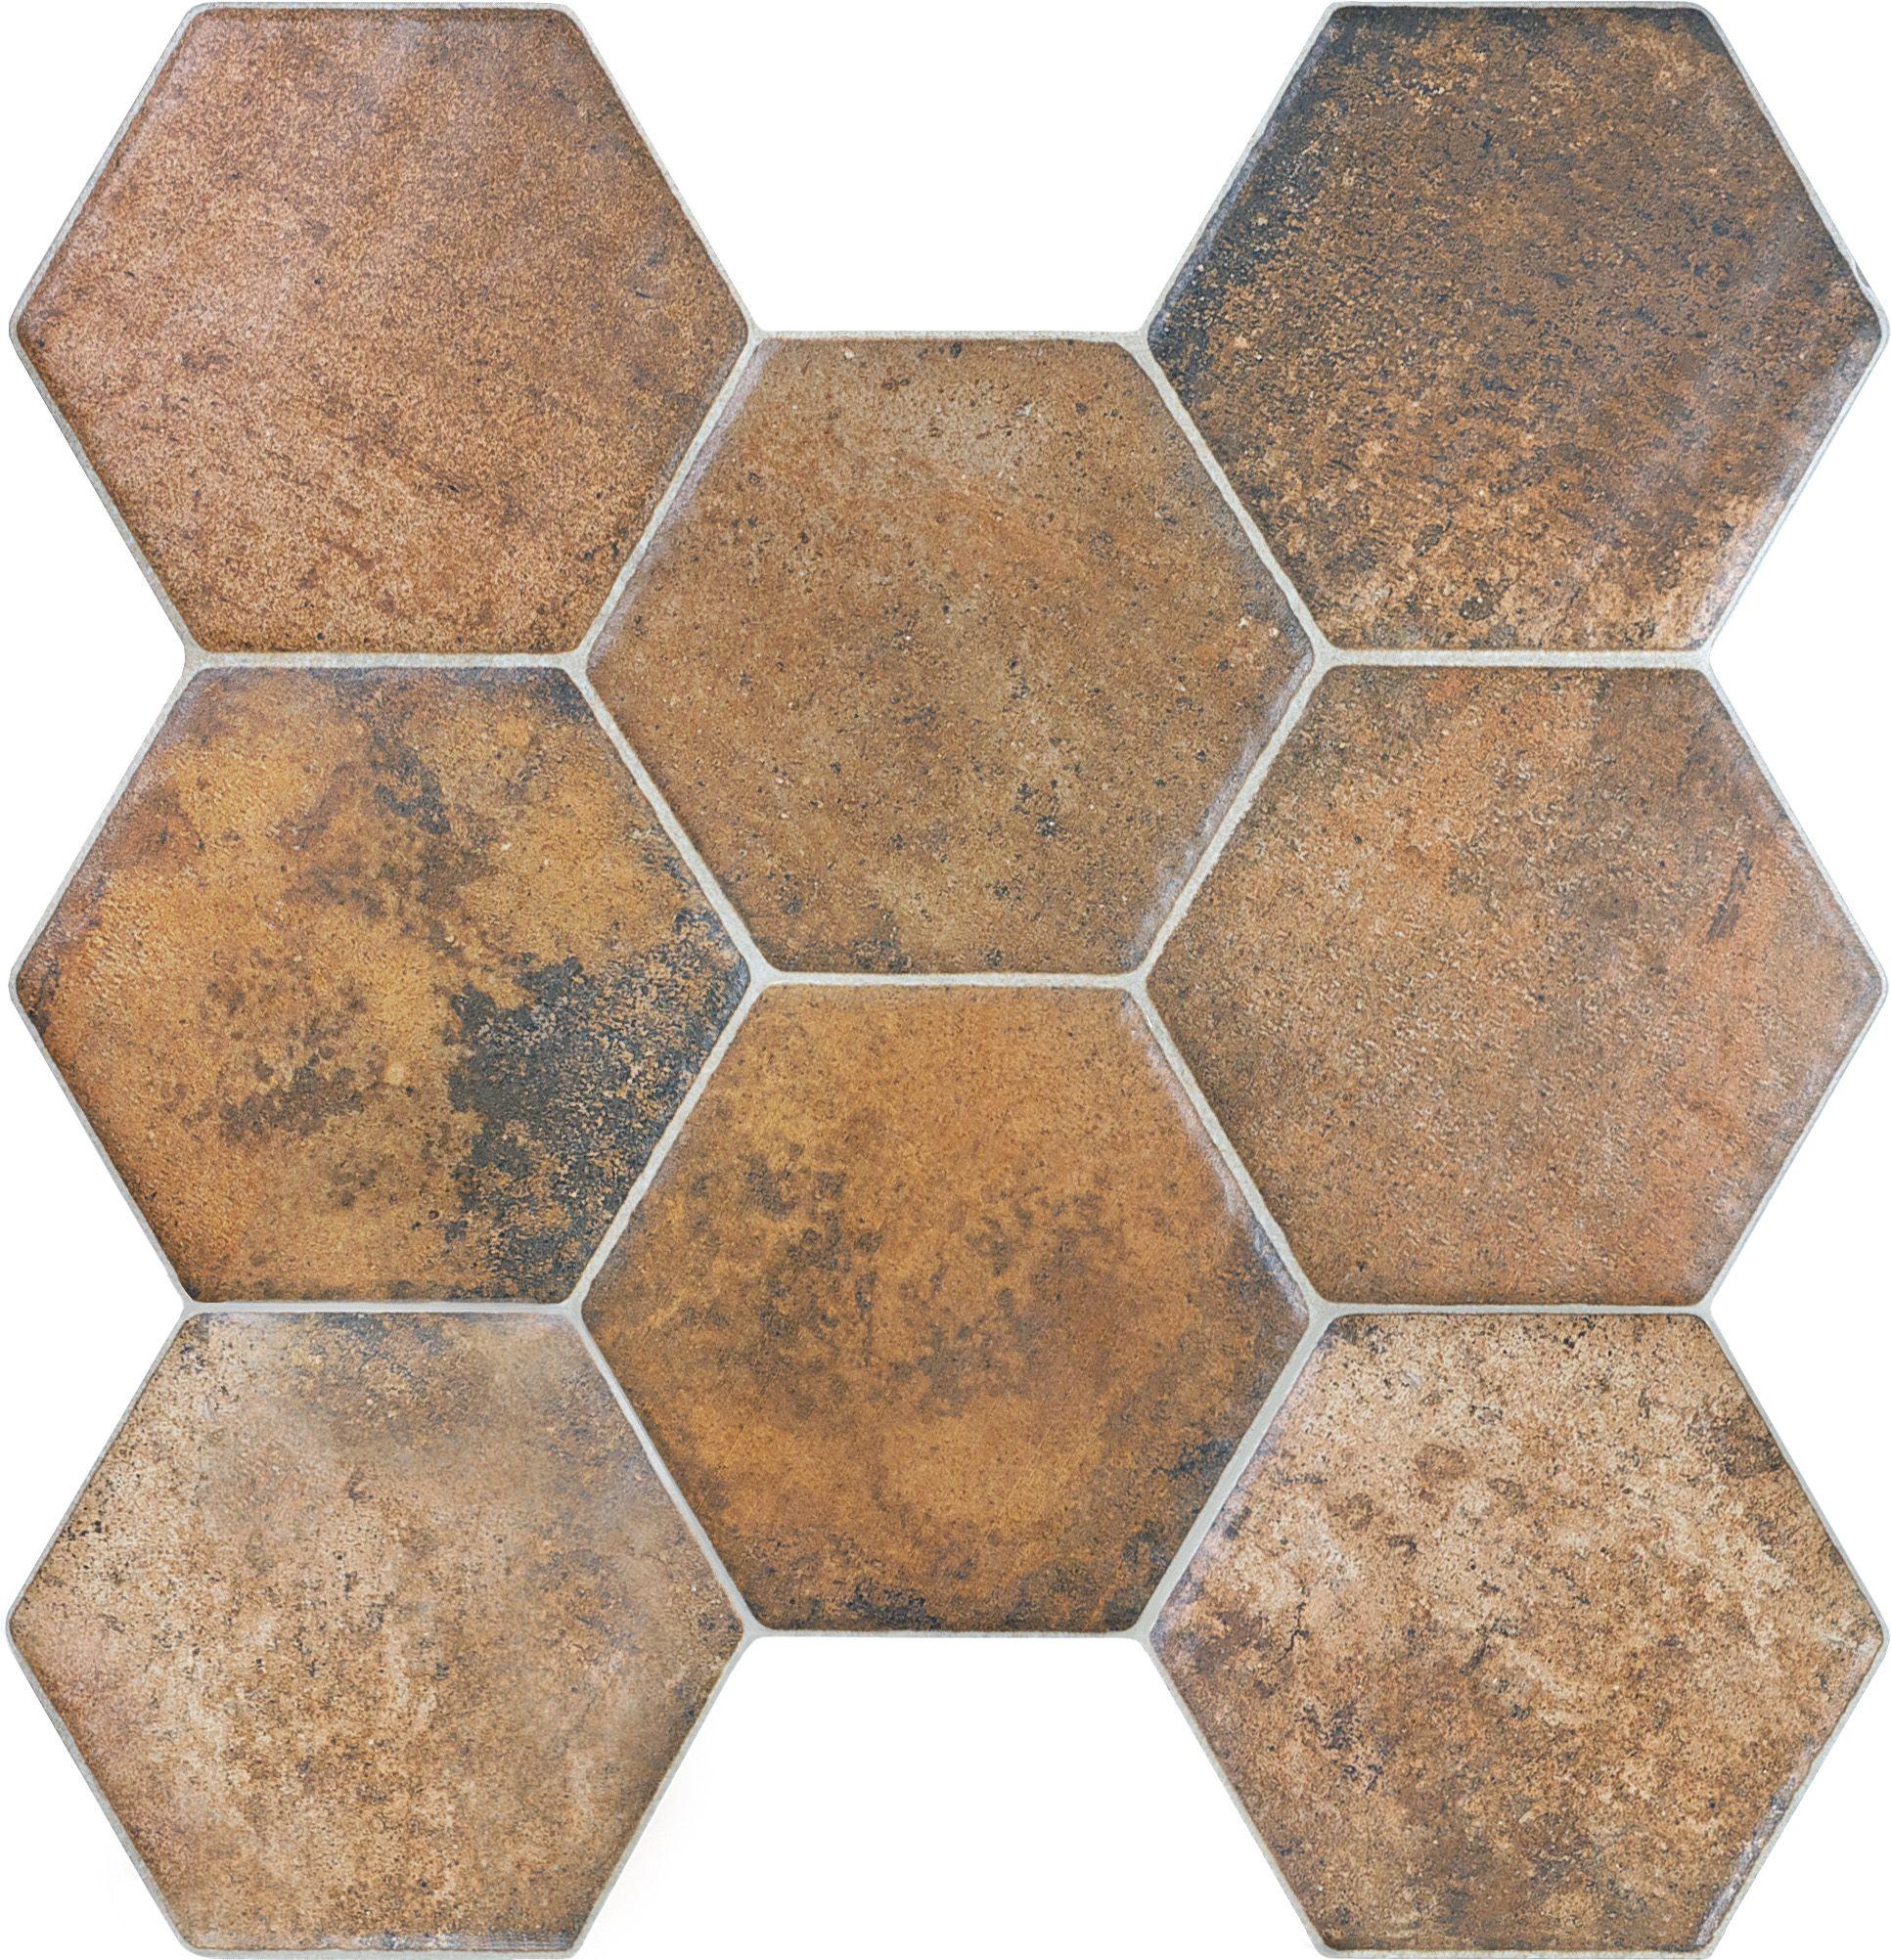 20 671 17 25 X18 Caloca Terra Cotta Hexagon Porcelain Tile Www